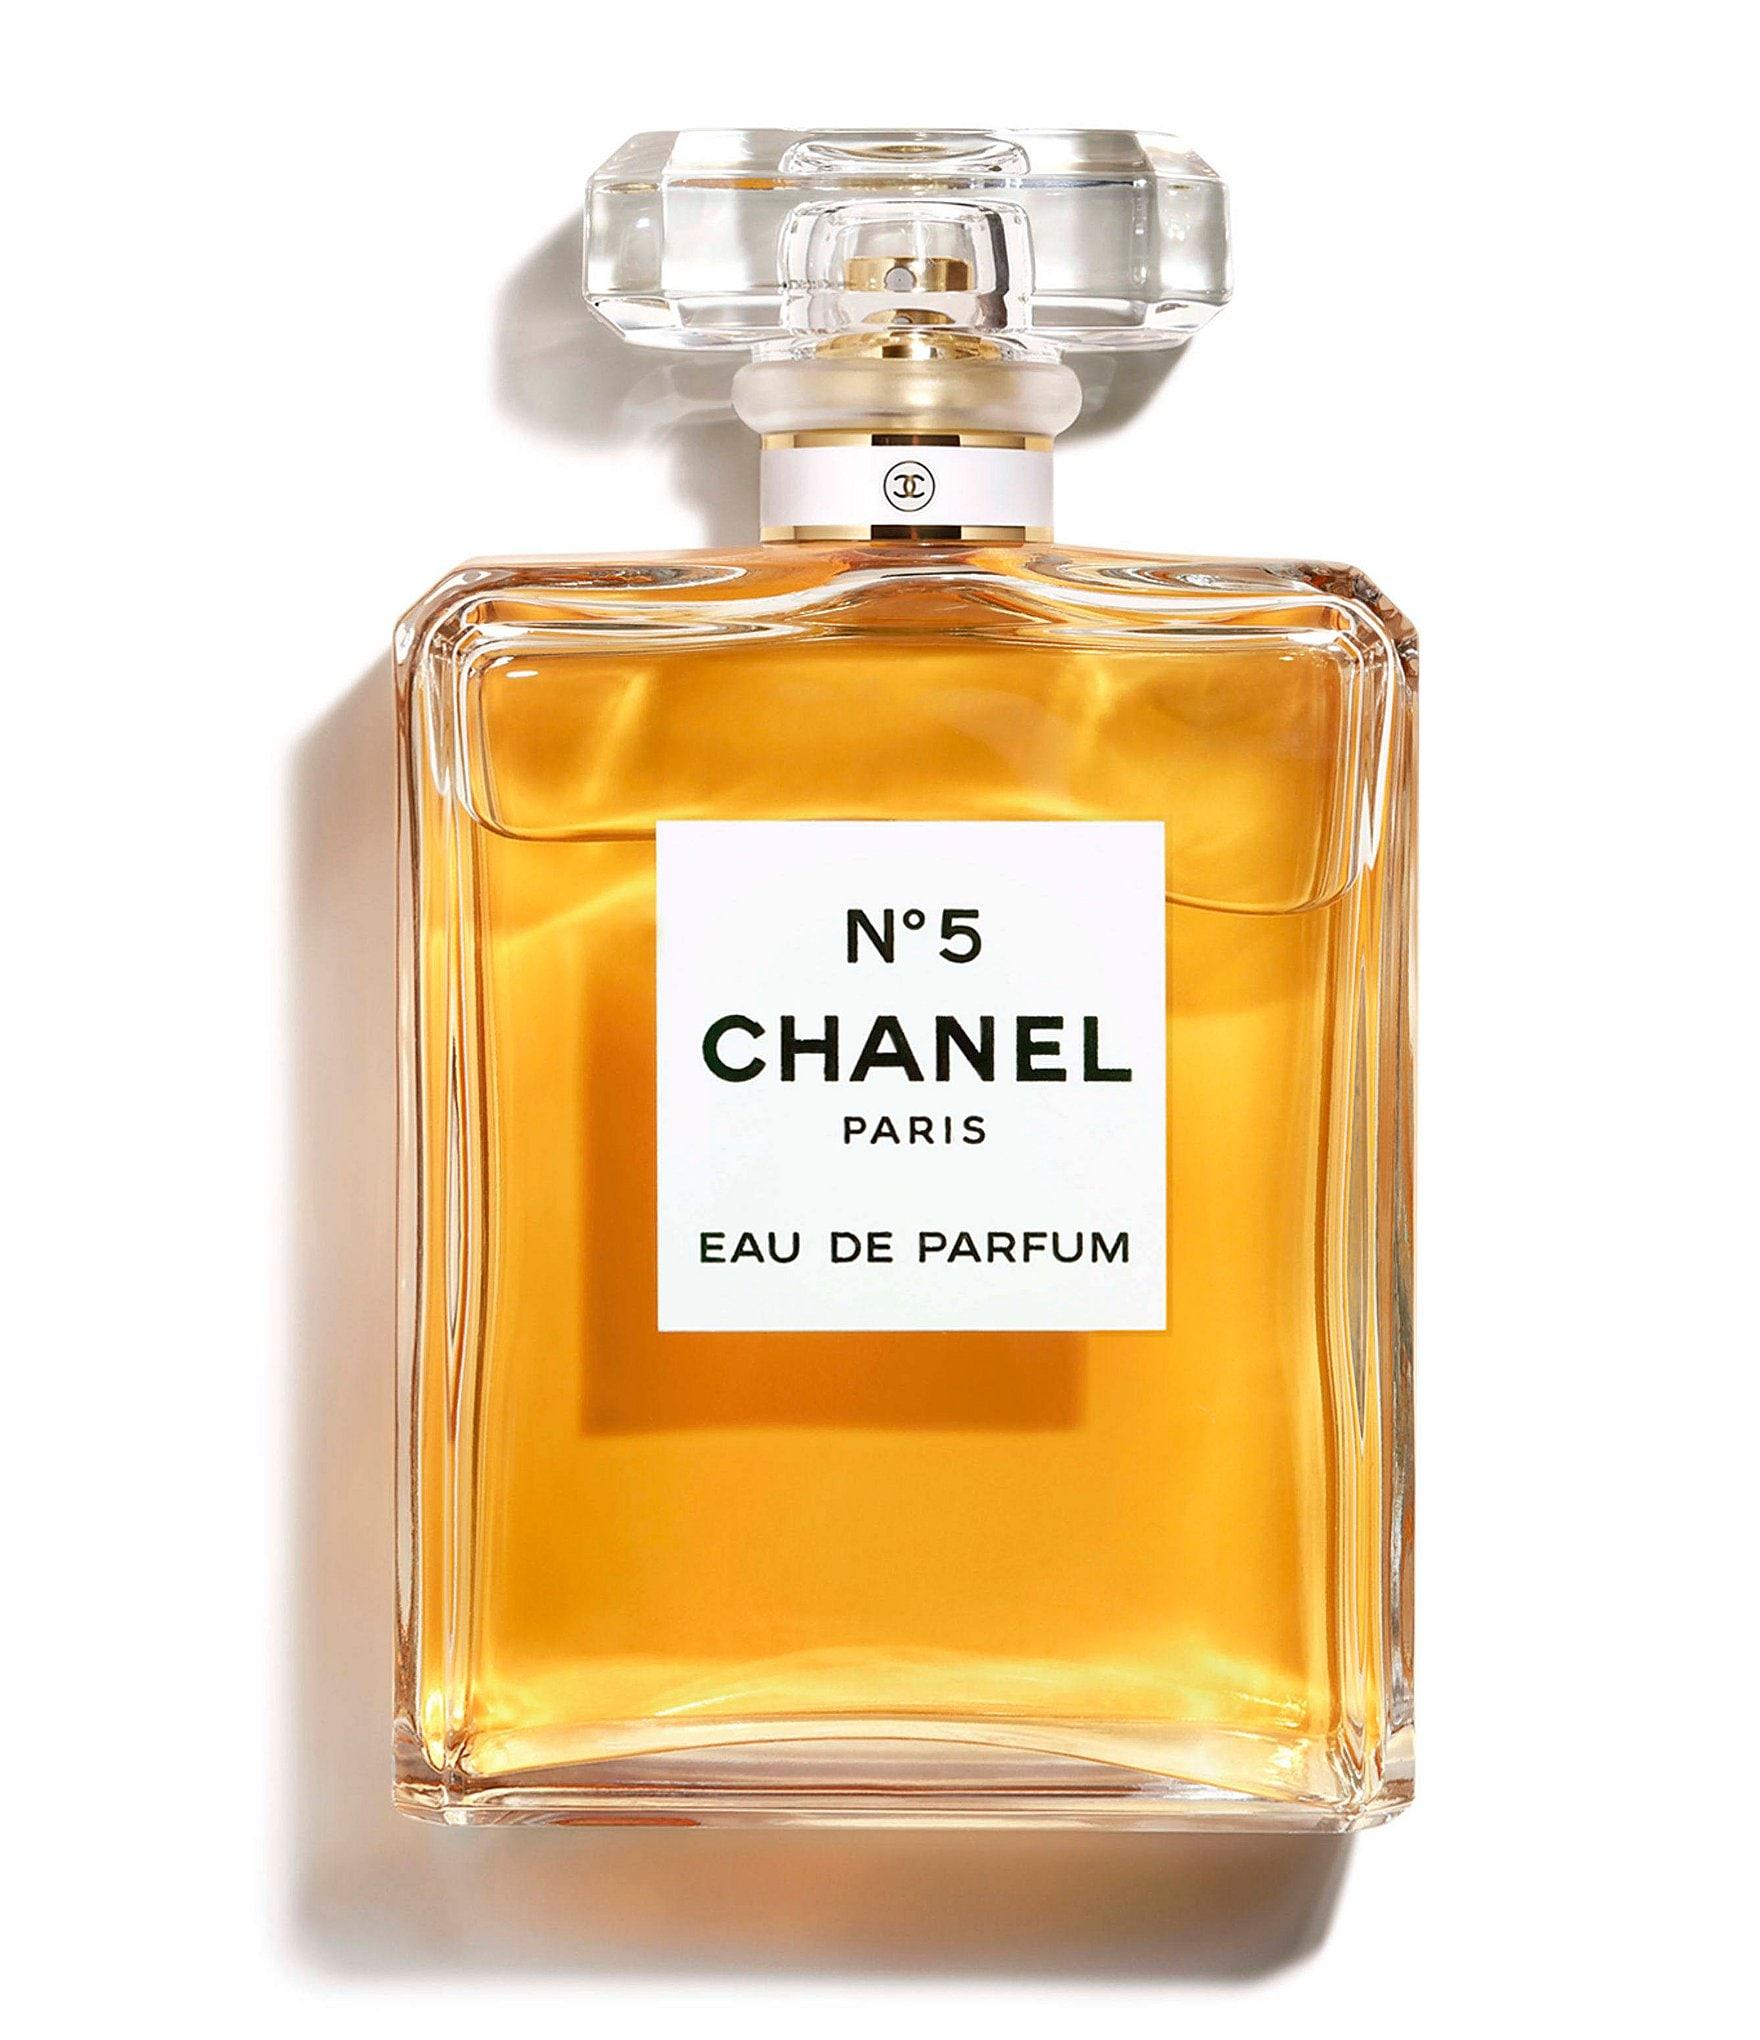 Chanel n5 eau de parfum spray izmirmasajfo